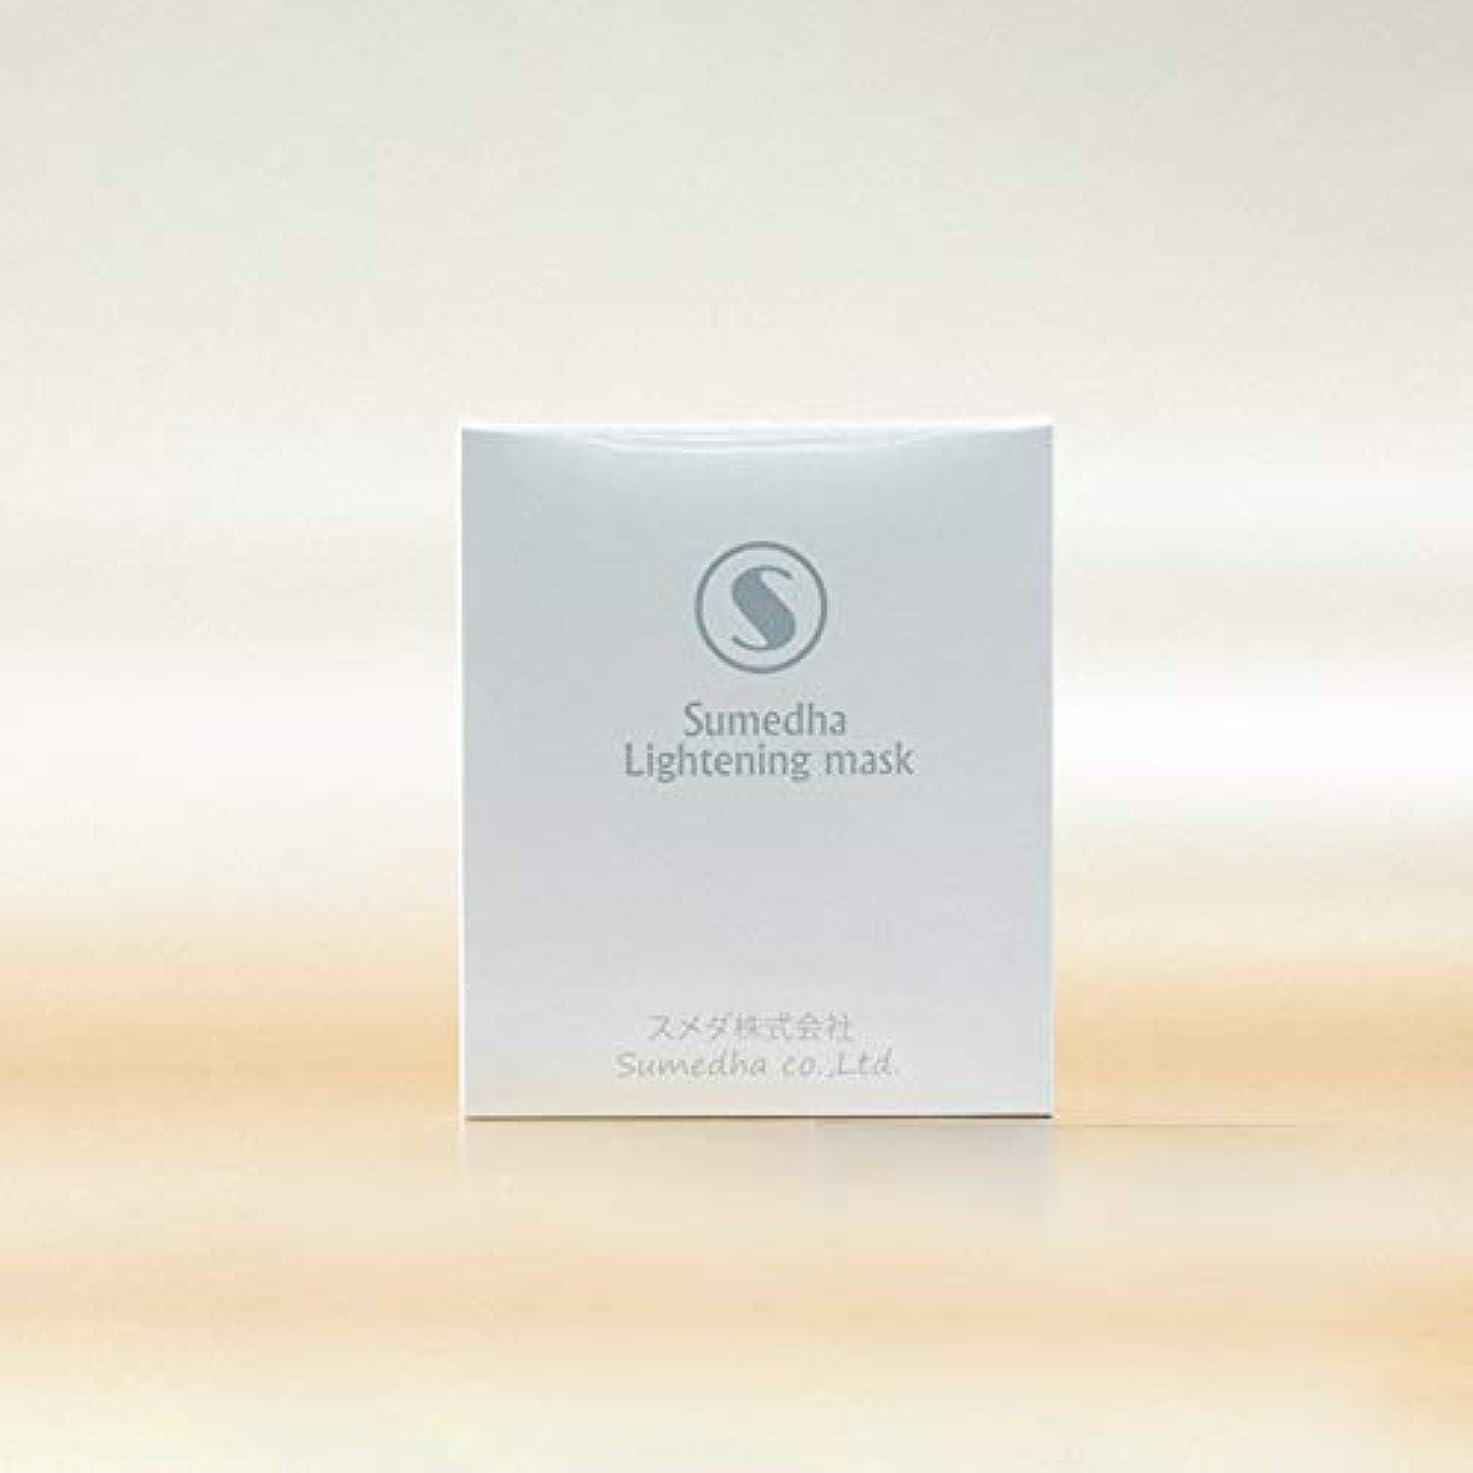 フェイスマスク Sumedha パック 保湿マスク 日本製 マスク フェイスパック 3枚入り 美白 美容 アンチセンシティブ 角質層修復 抗酸化 保湿 補水 敏感肌 発赤 アレルギー緩和 コーセー (美白)